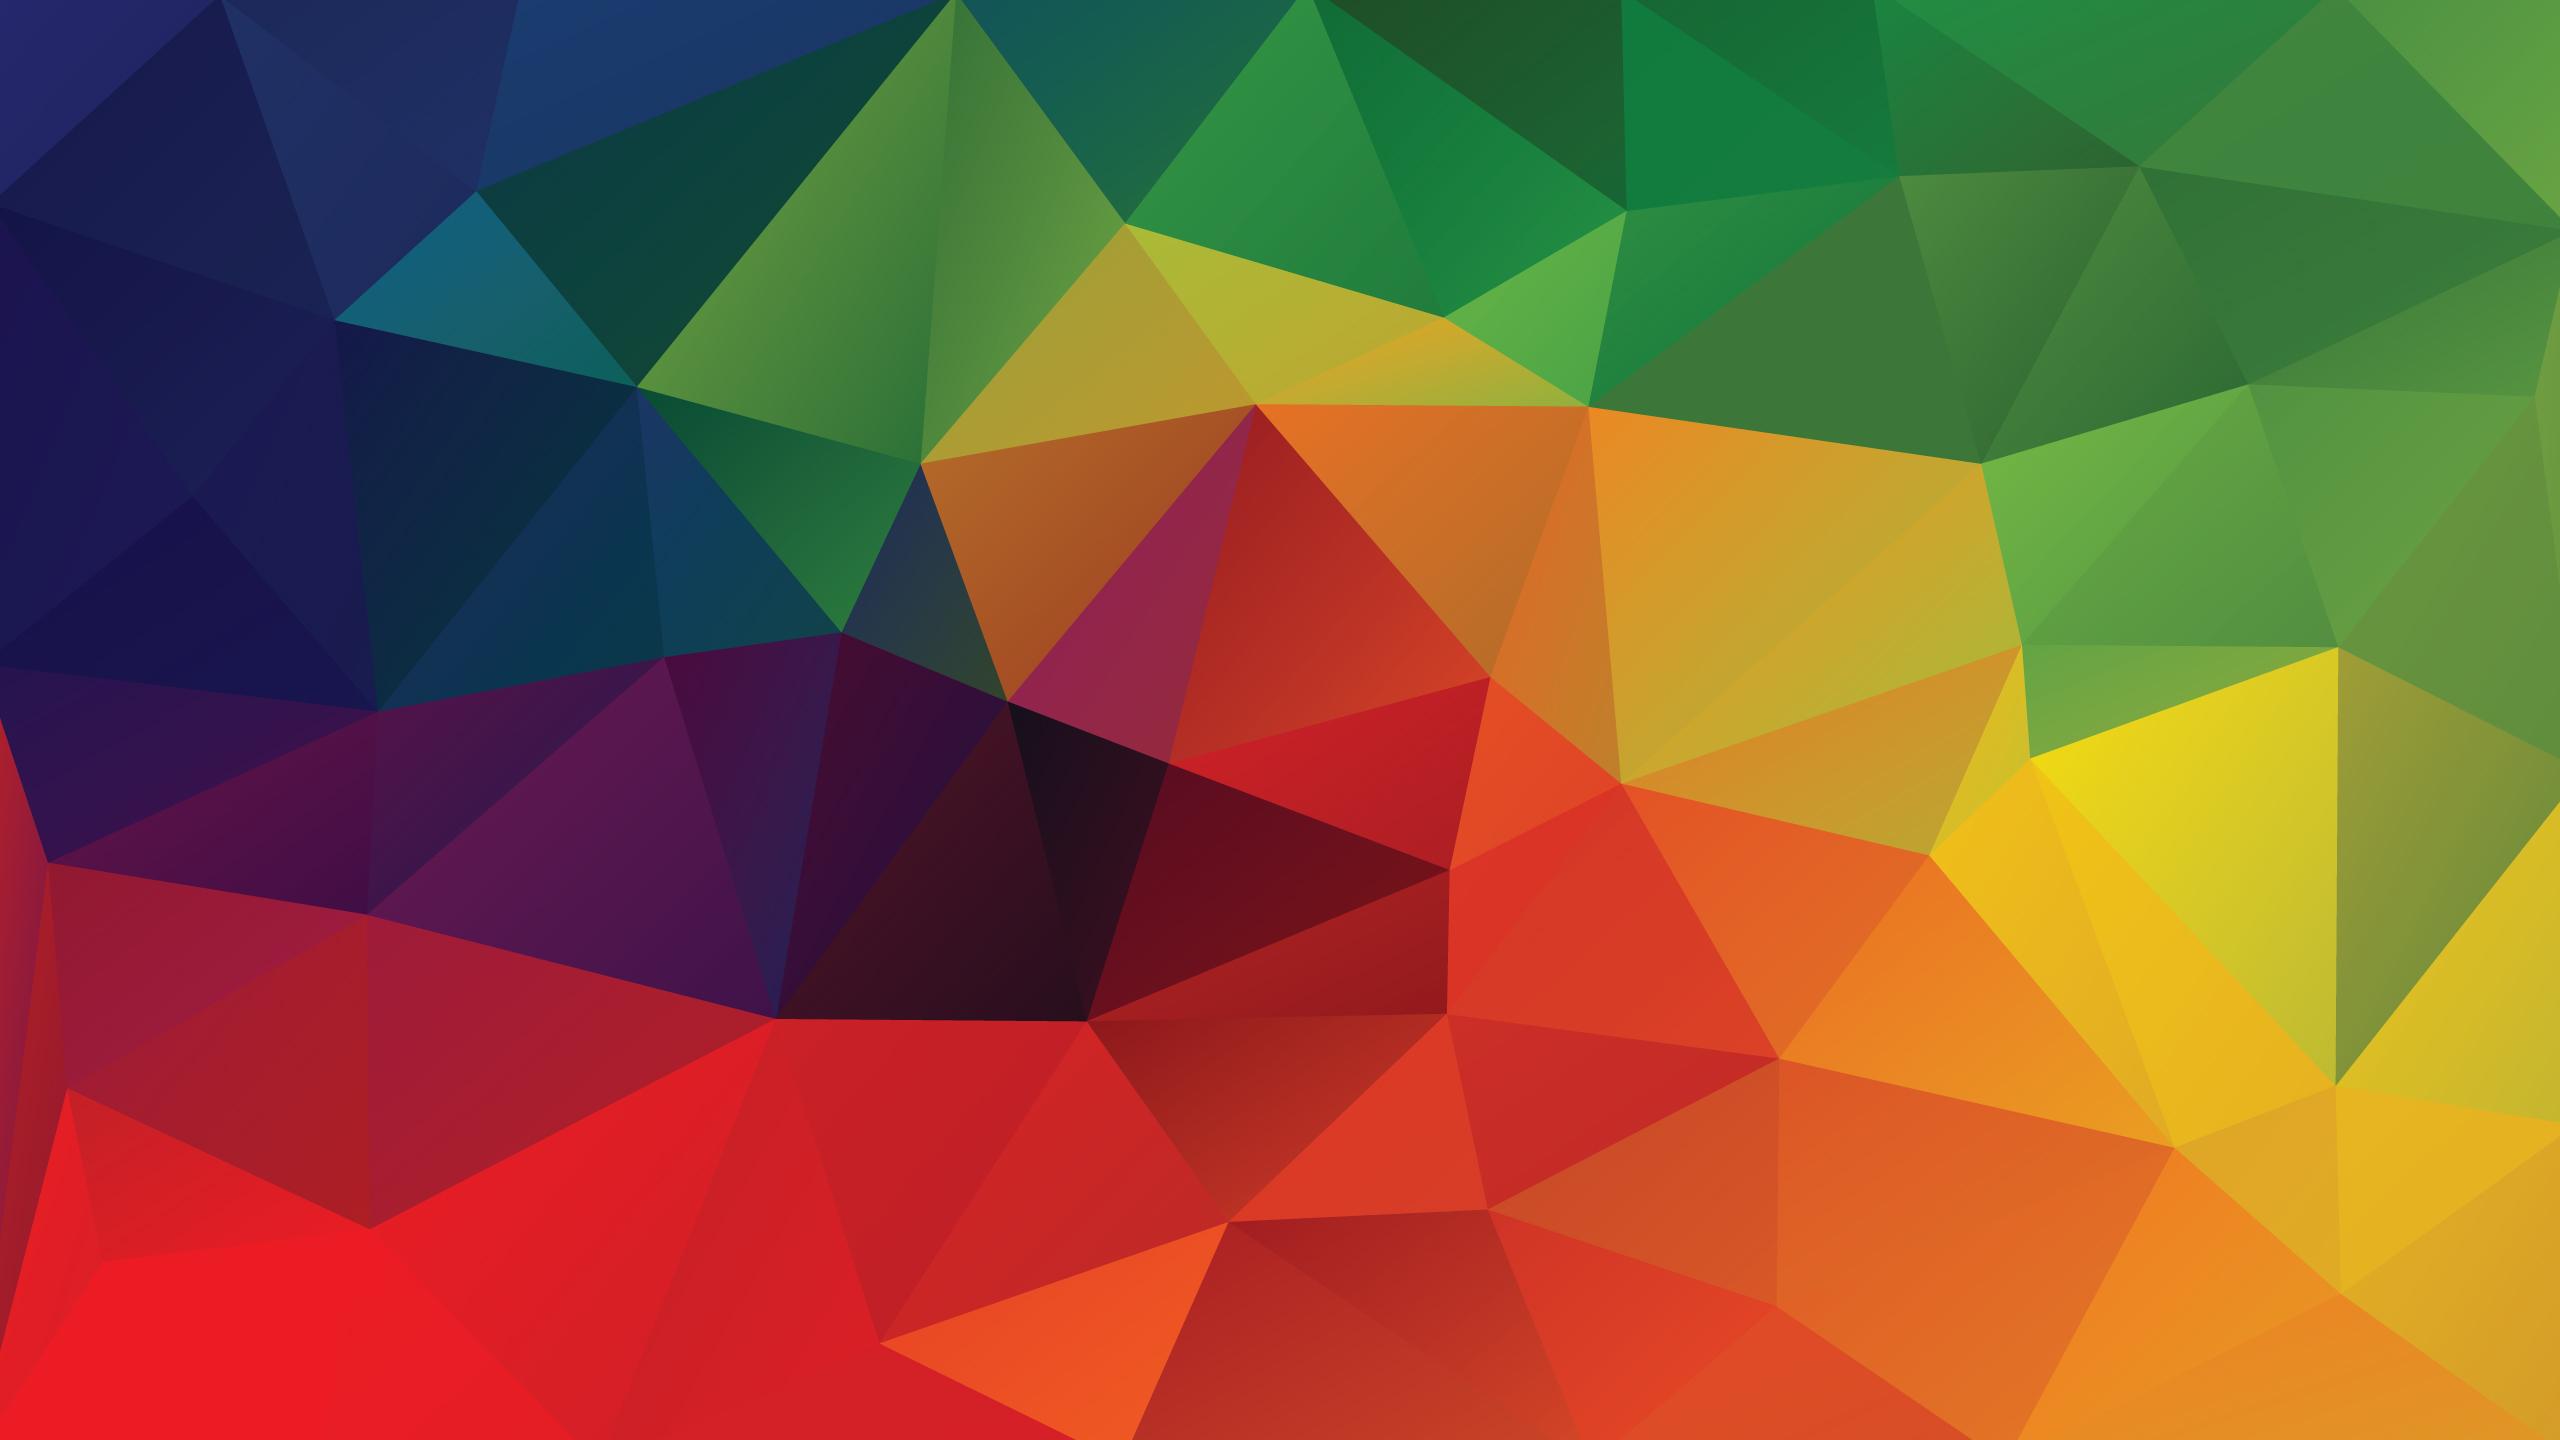 backgrounds - بک گراند های رنگی بسیار زیبا